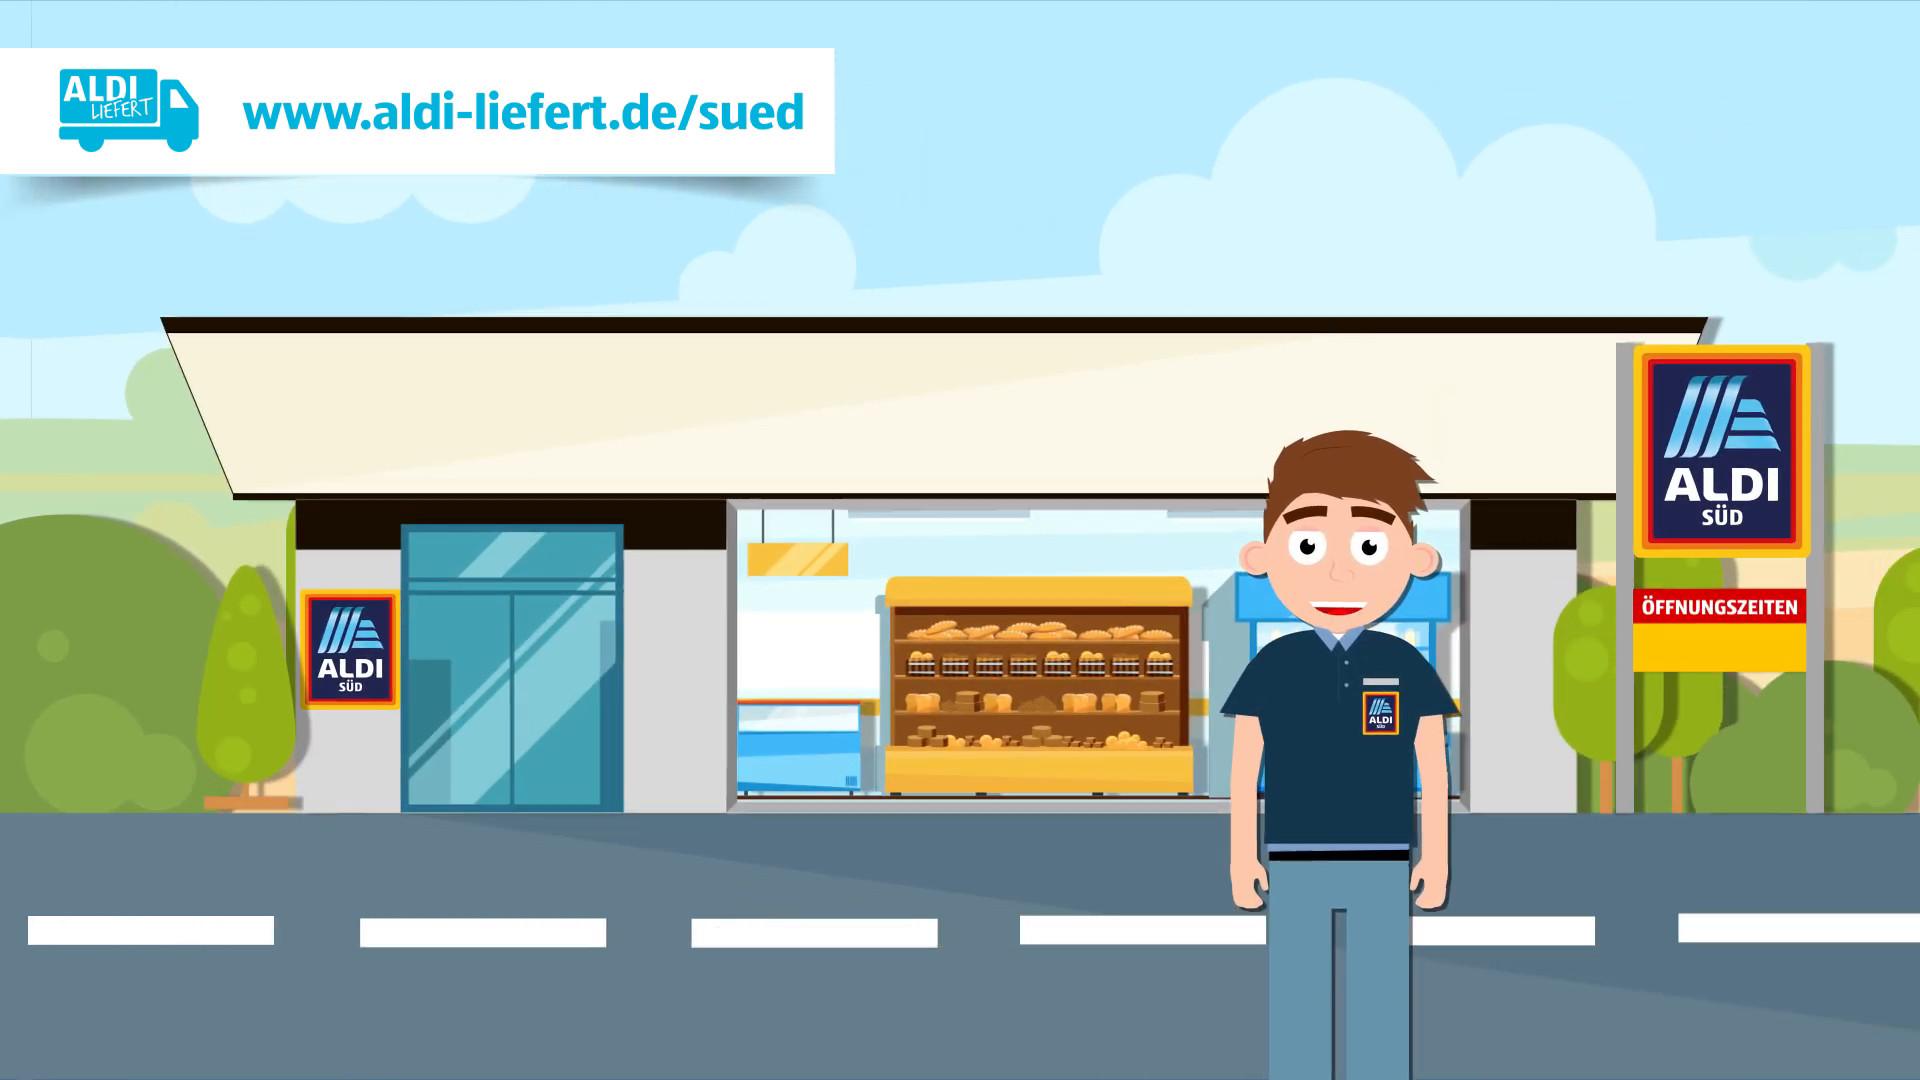 Aldi Online Shop Das Konnt Ihr Bestellen